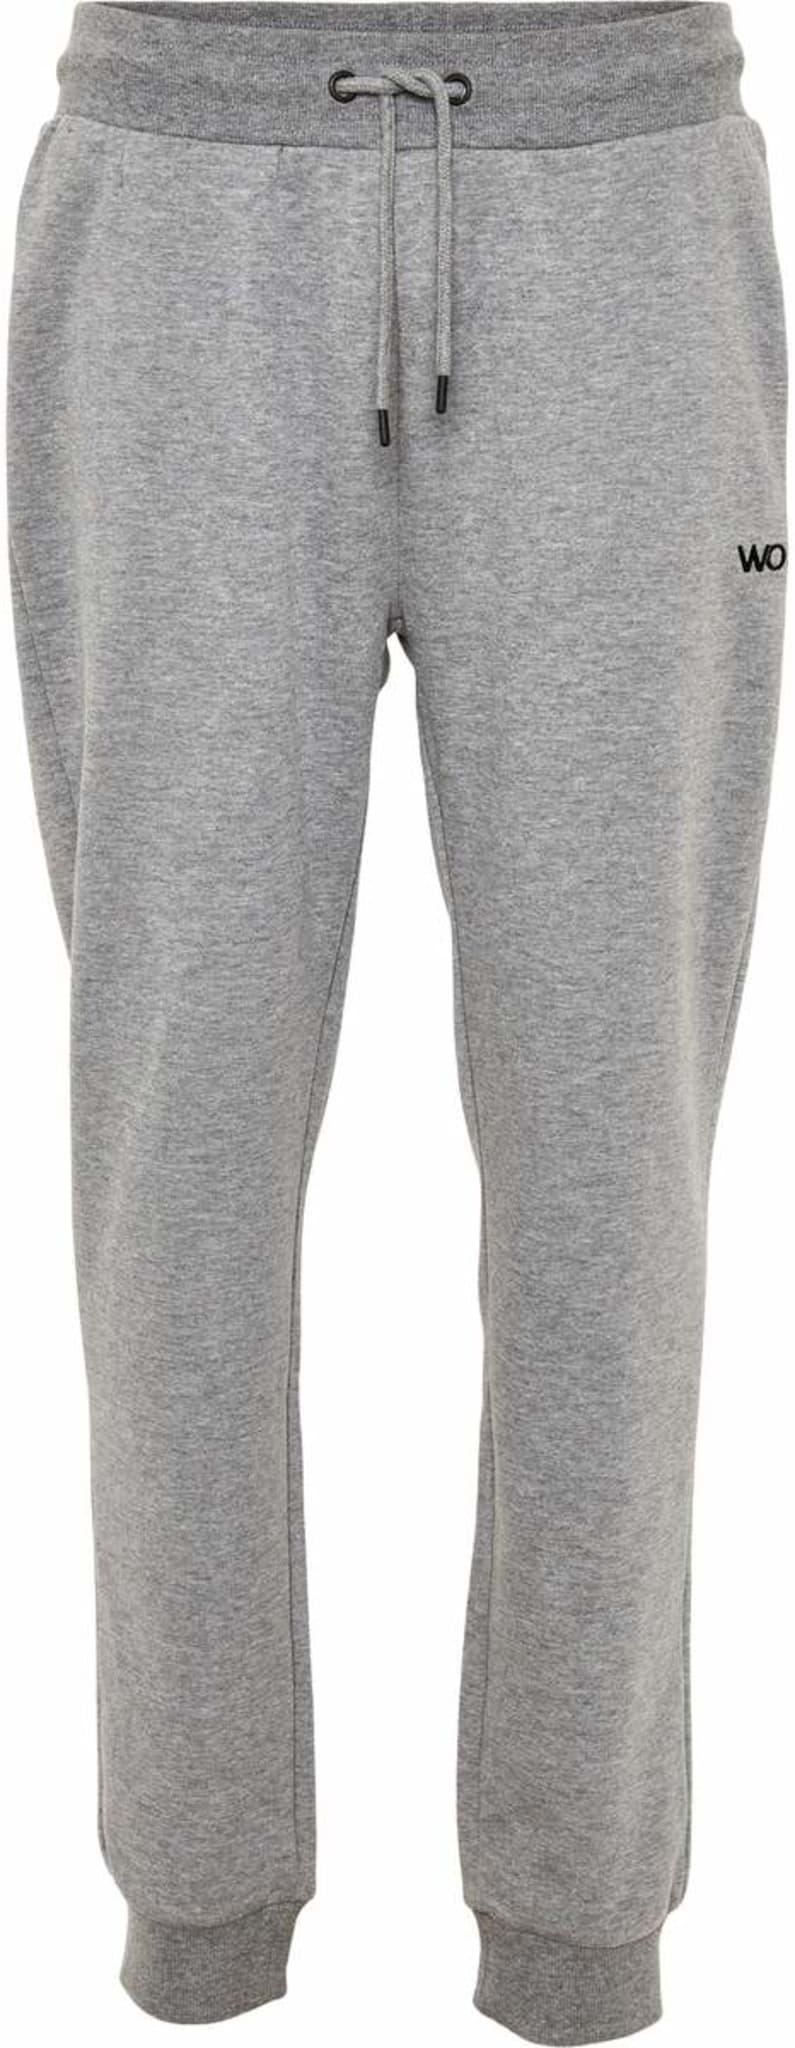 Kugary Sweat Pants M